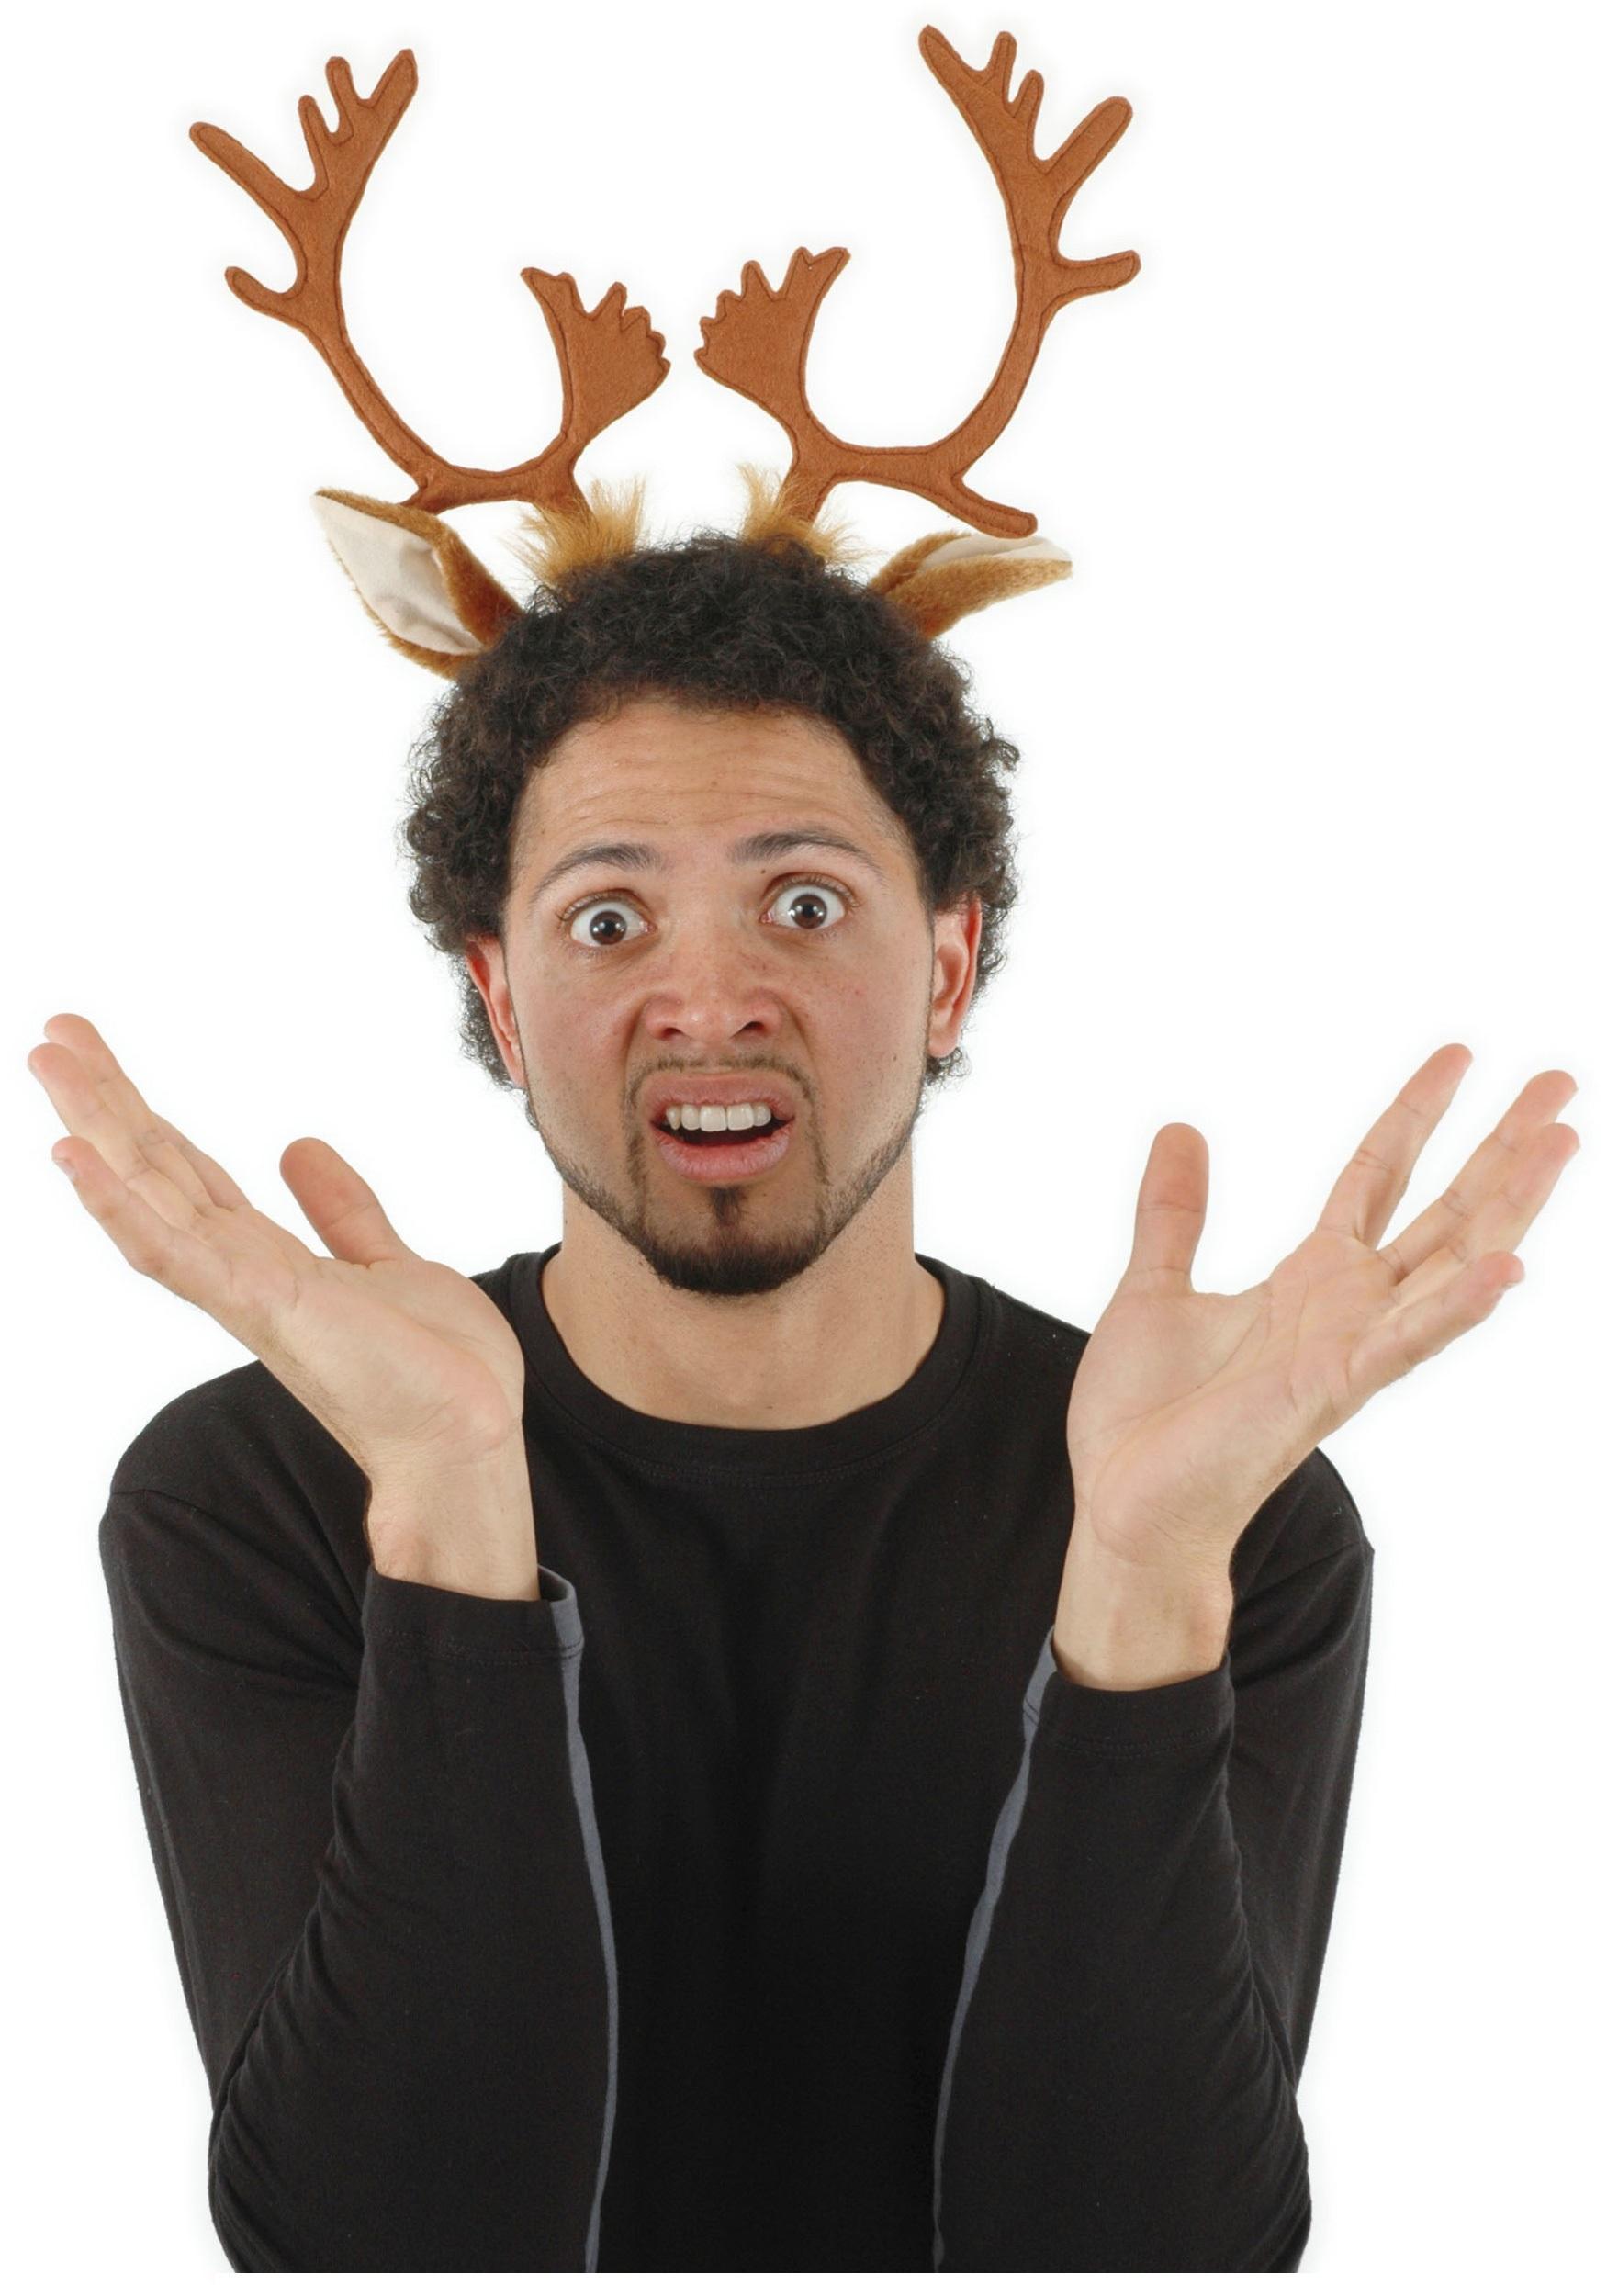 Reindeer Antler Hoodie Reindeer Antlers Headband